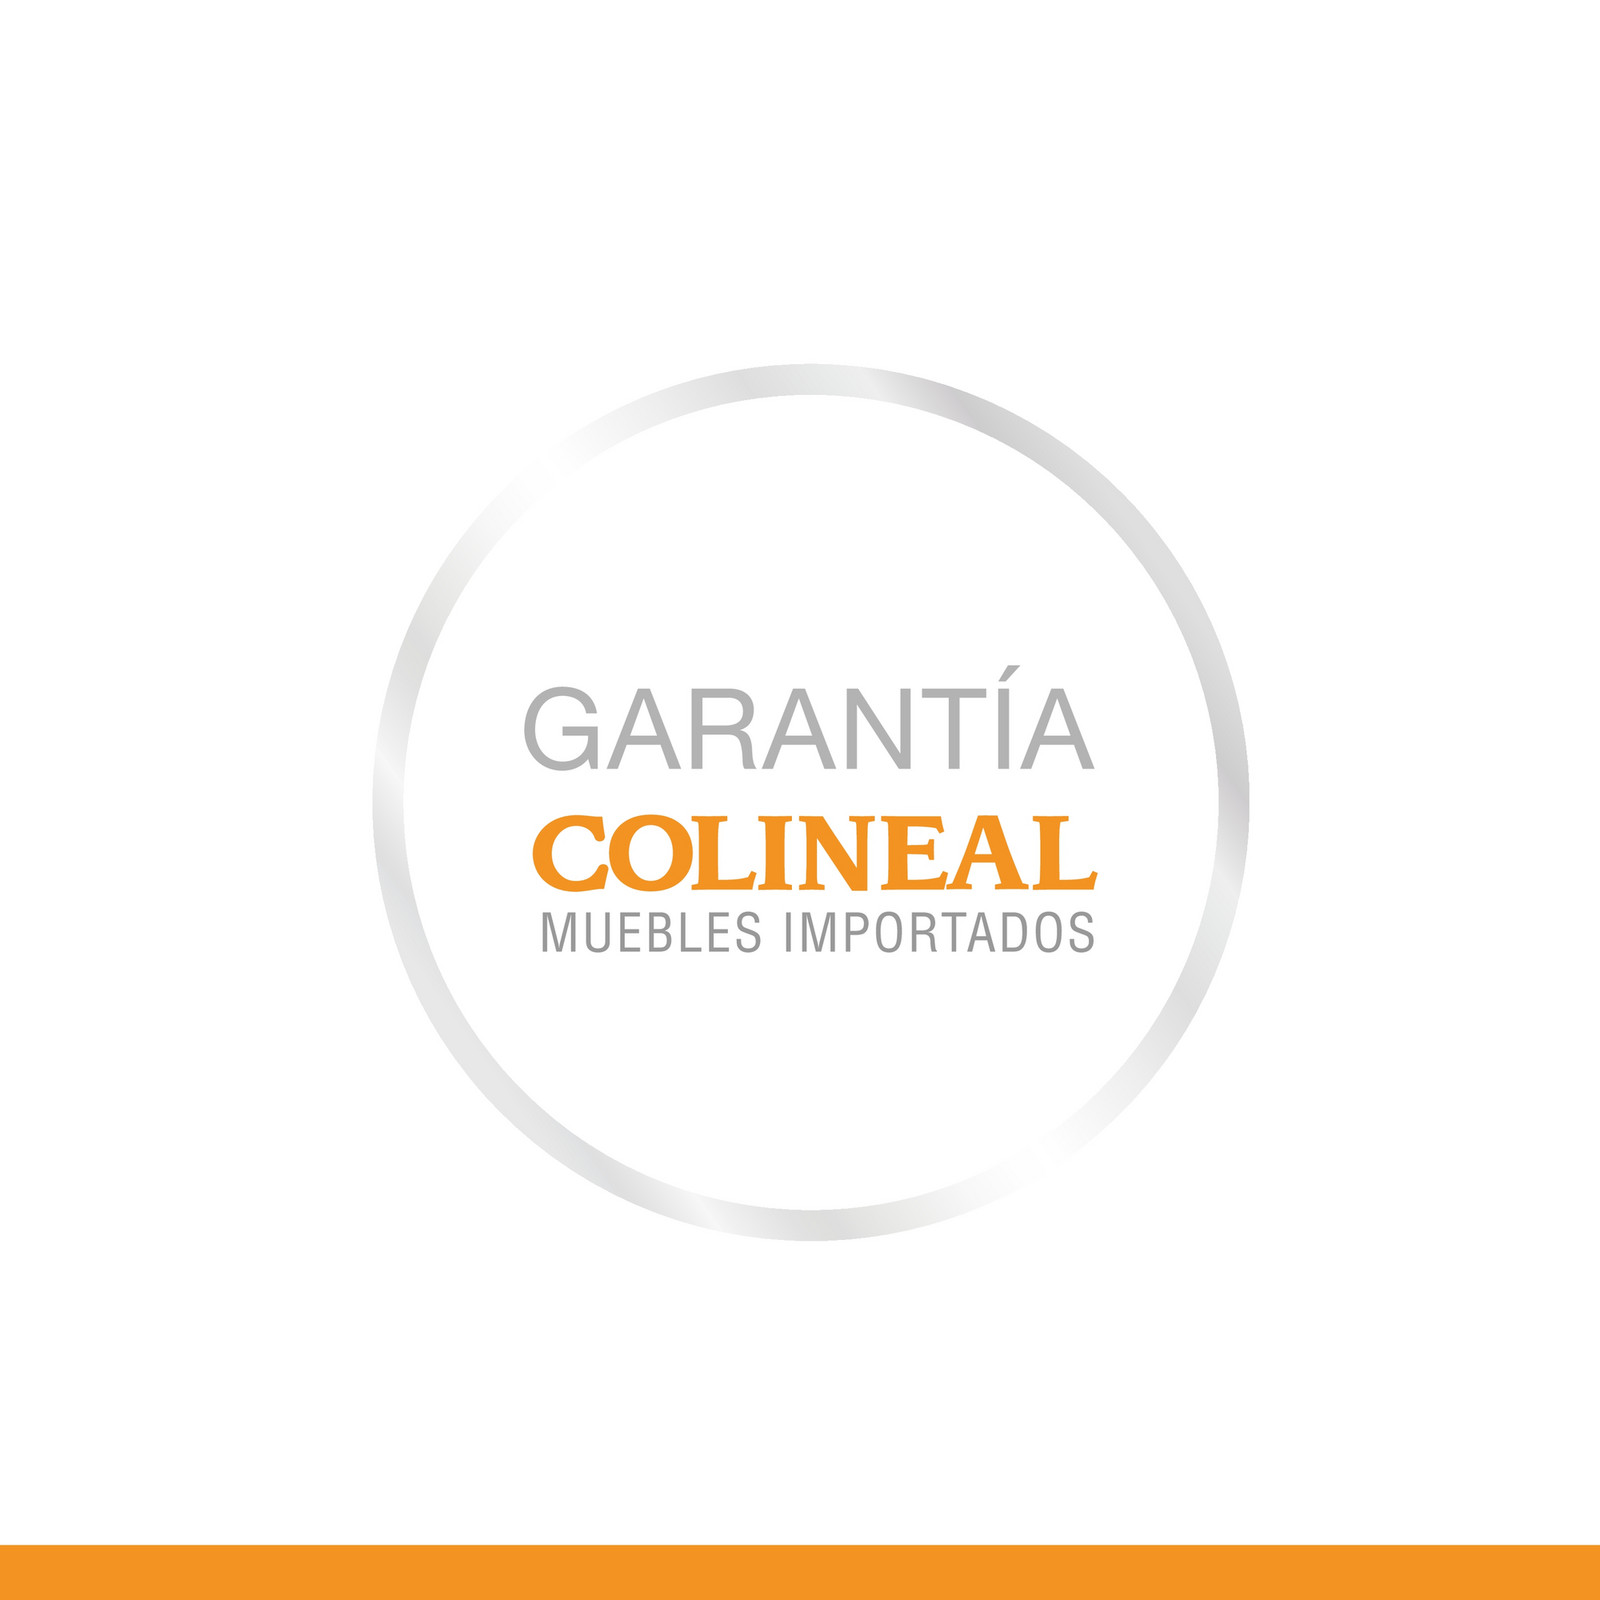 ColinealCorp - Garantía Colineal Importados.pdf - Página 1